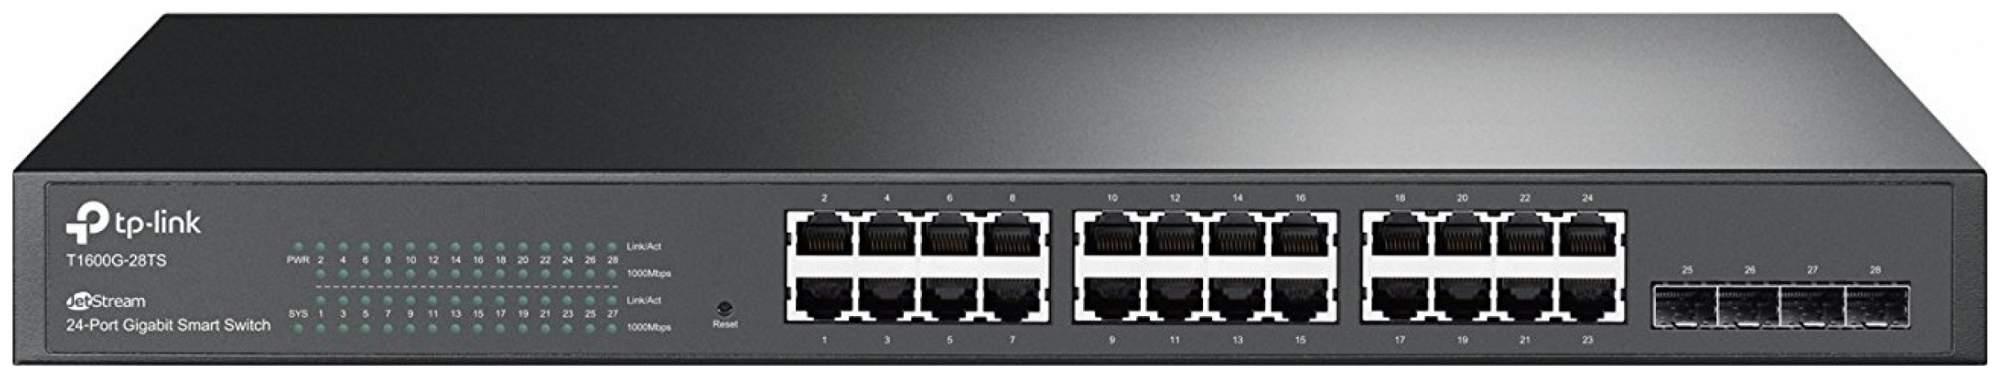 Коммутатор TP-LINK T1600G-28TS Черный